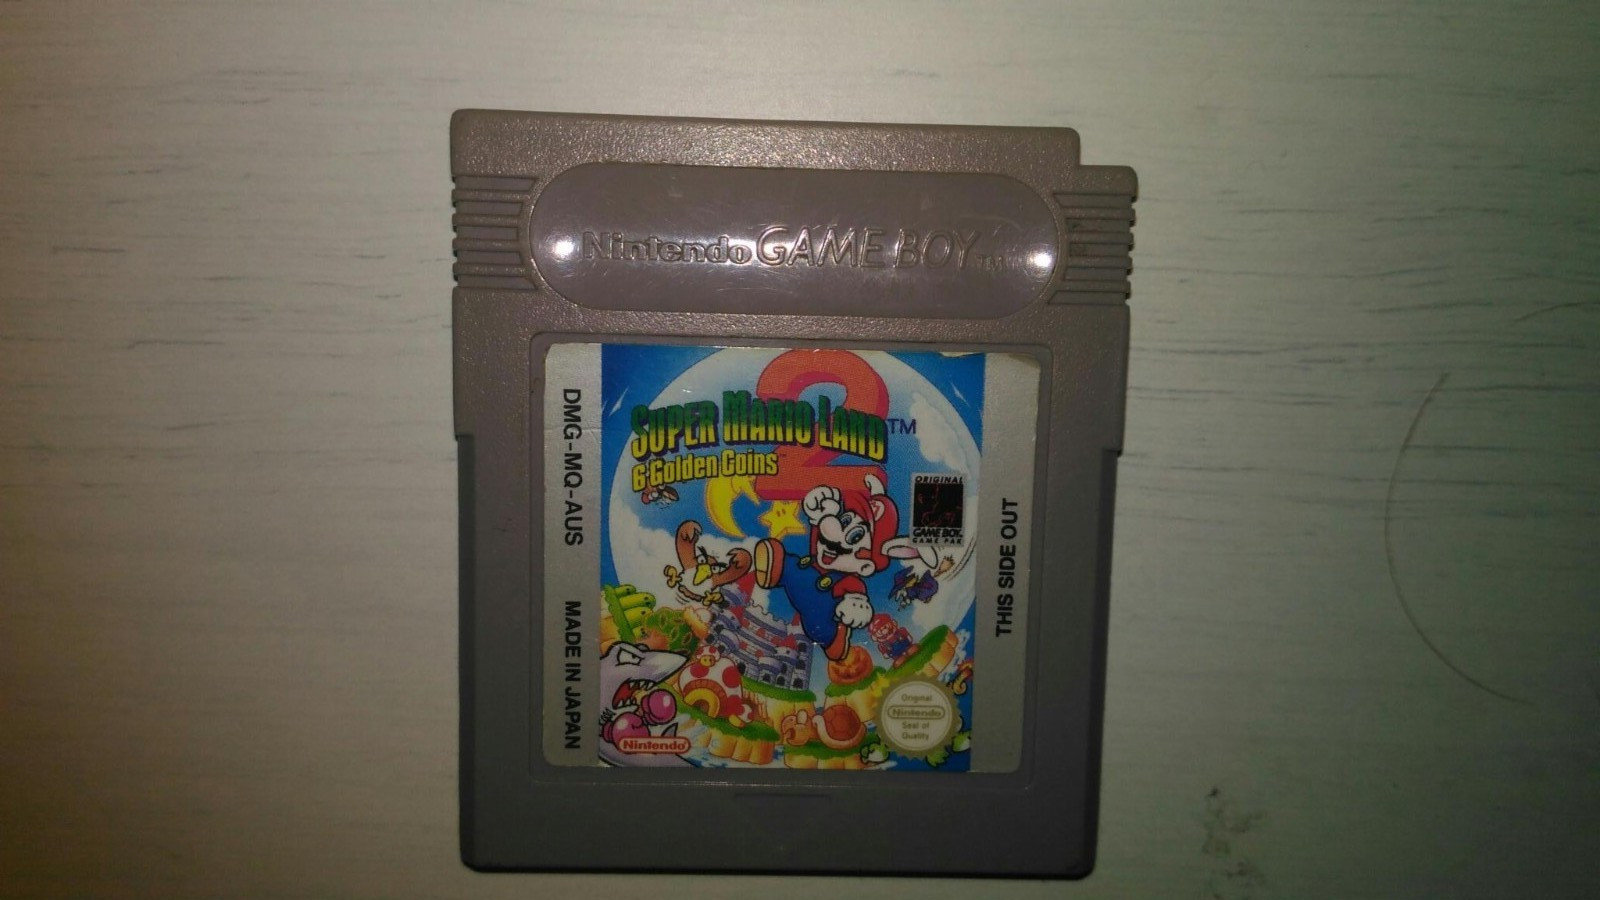 GB Spill - Super Mario Land 2: 6 Golden Coins (Game Boy) - Sandnes  - GB Spill - Super Mario Land 2: 6 Golden Coins (Game Boy) Video: https://www.youtube.com/watch?v=4Ky0CElN4YU Info: https://en.wikipedia.org/wiki/Super_Mario_Land_2:_6_Golden_Coins Se gjennom mine andre annonser for mer Game Boy spill. Sender ikk - Sandnes